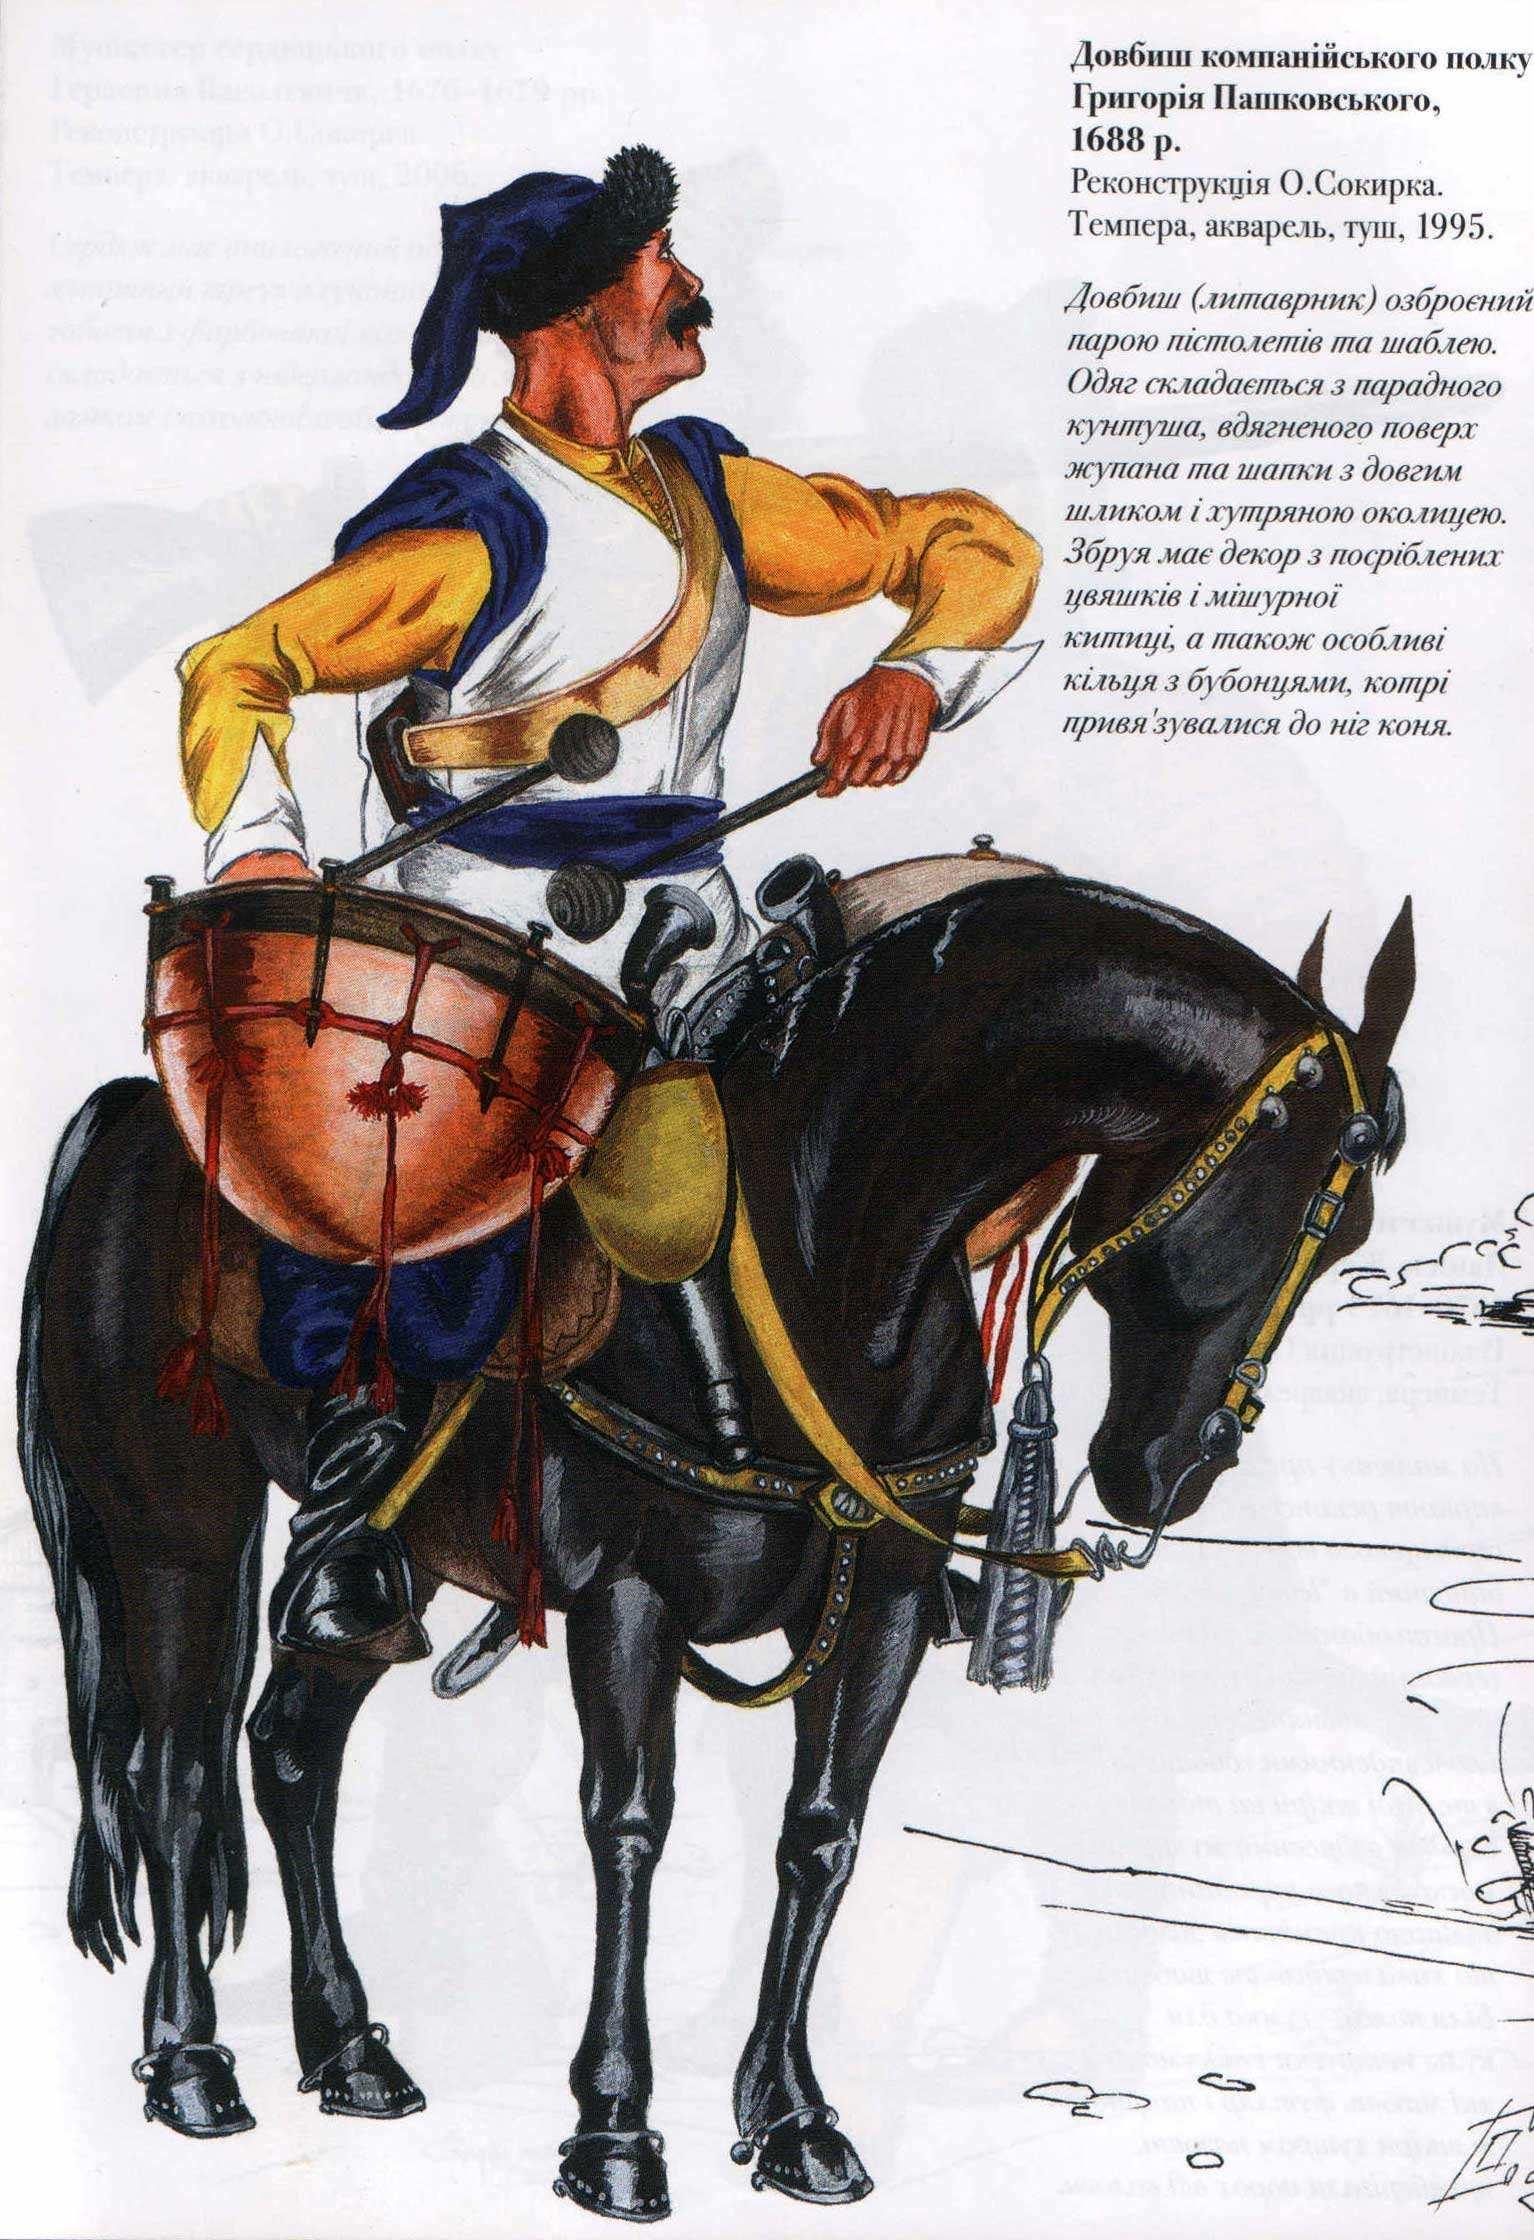 Довбиш компанійського полку Григорія Пашковського